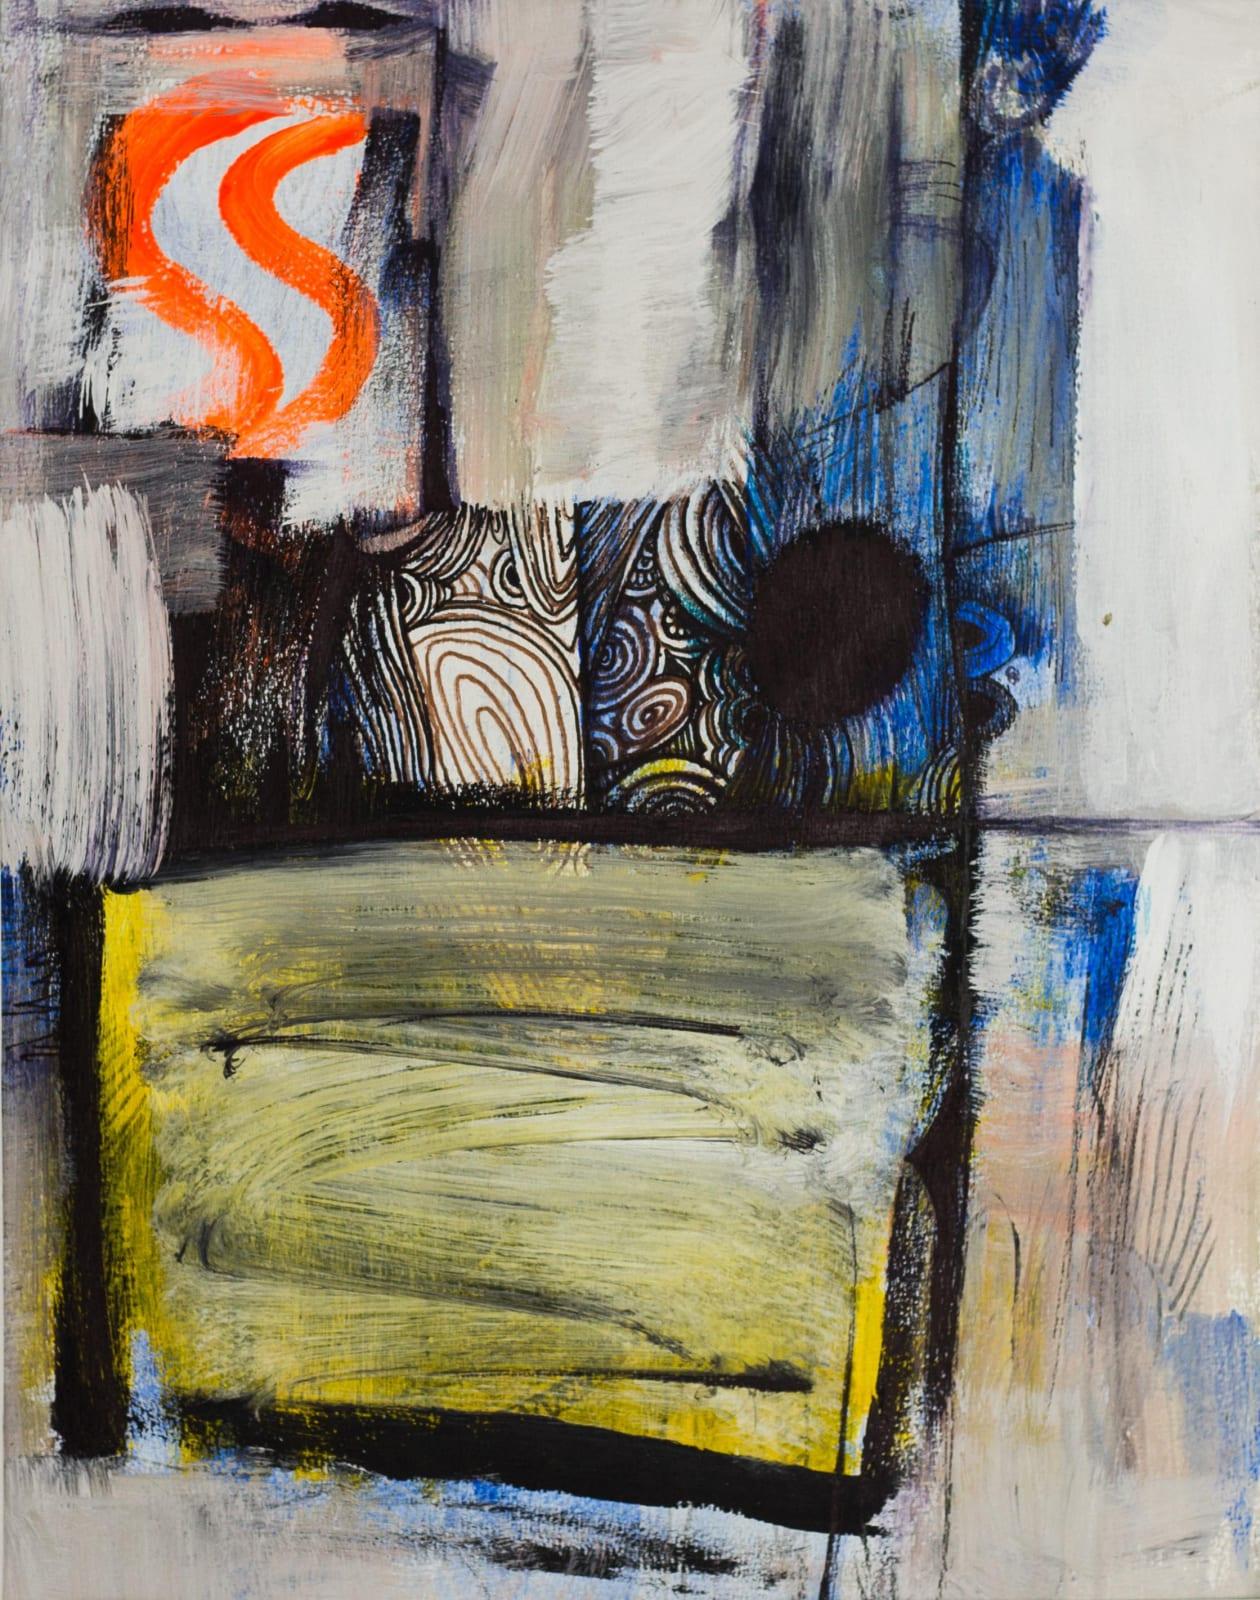 Tibebe Terffa , Untitled on Paper X, 2003